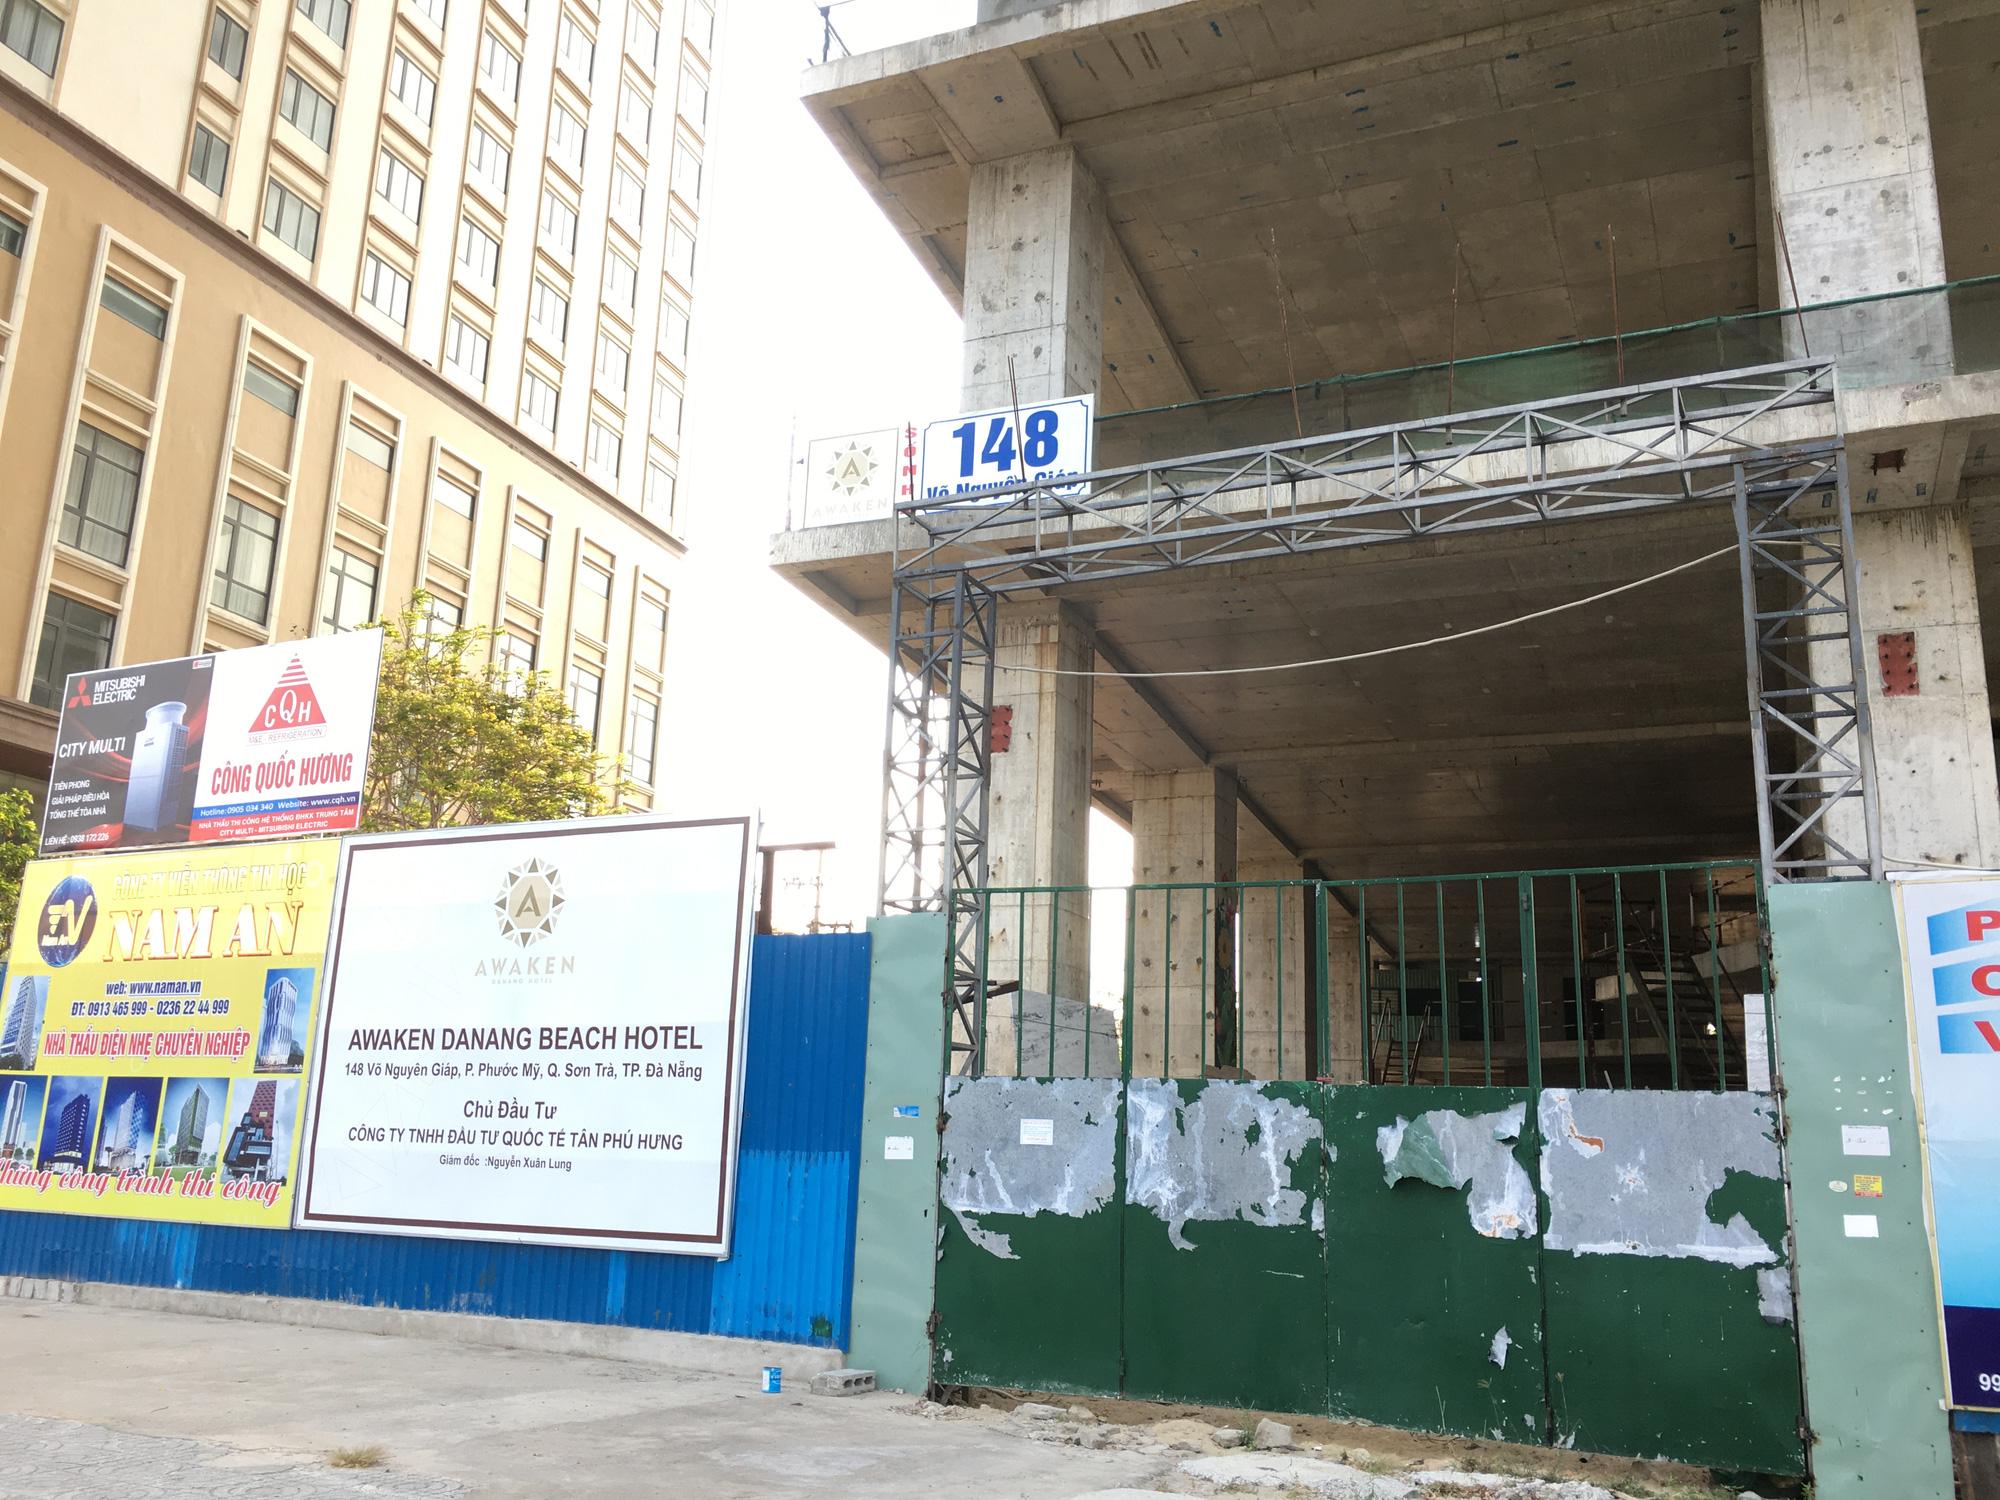 Khách sạn, công trình xây dựng ven biển, các hãng thời trang lớn ở Đà Nẵng đóng cửa hàng loạt trước ngày 'cách li toàn xã hội' - Ảnh 10.